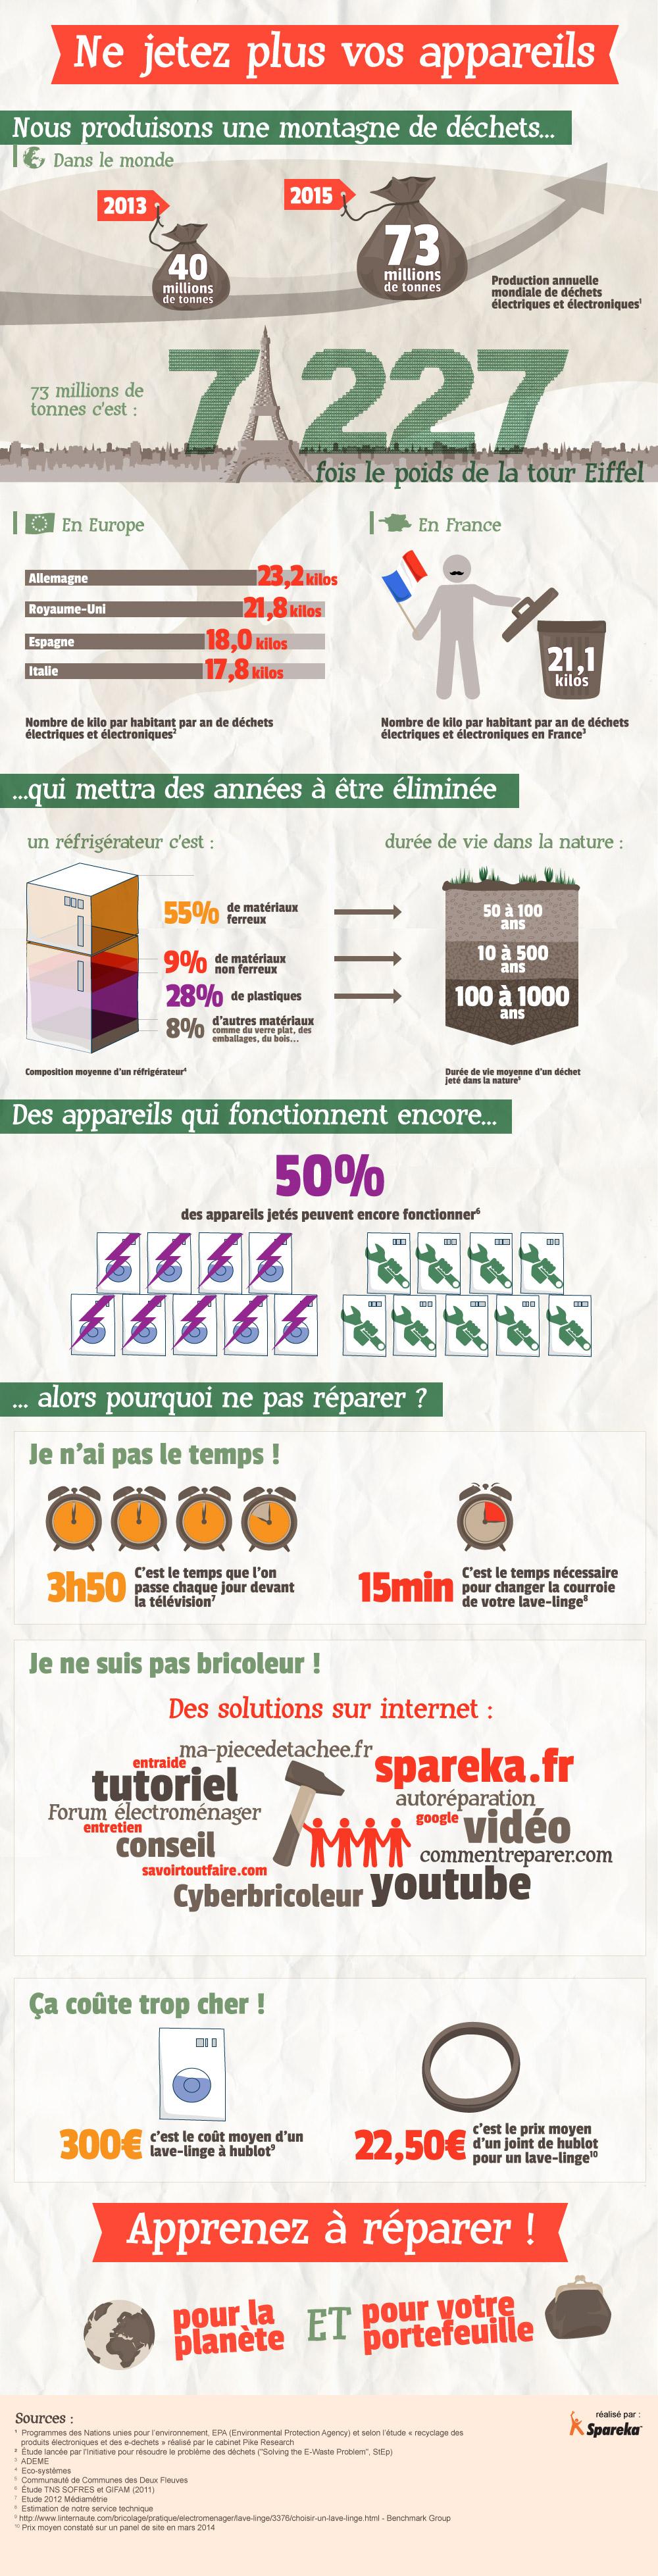 Infographie Spareka : ... apprenez à réparer !